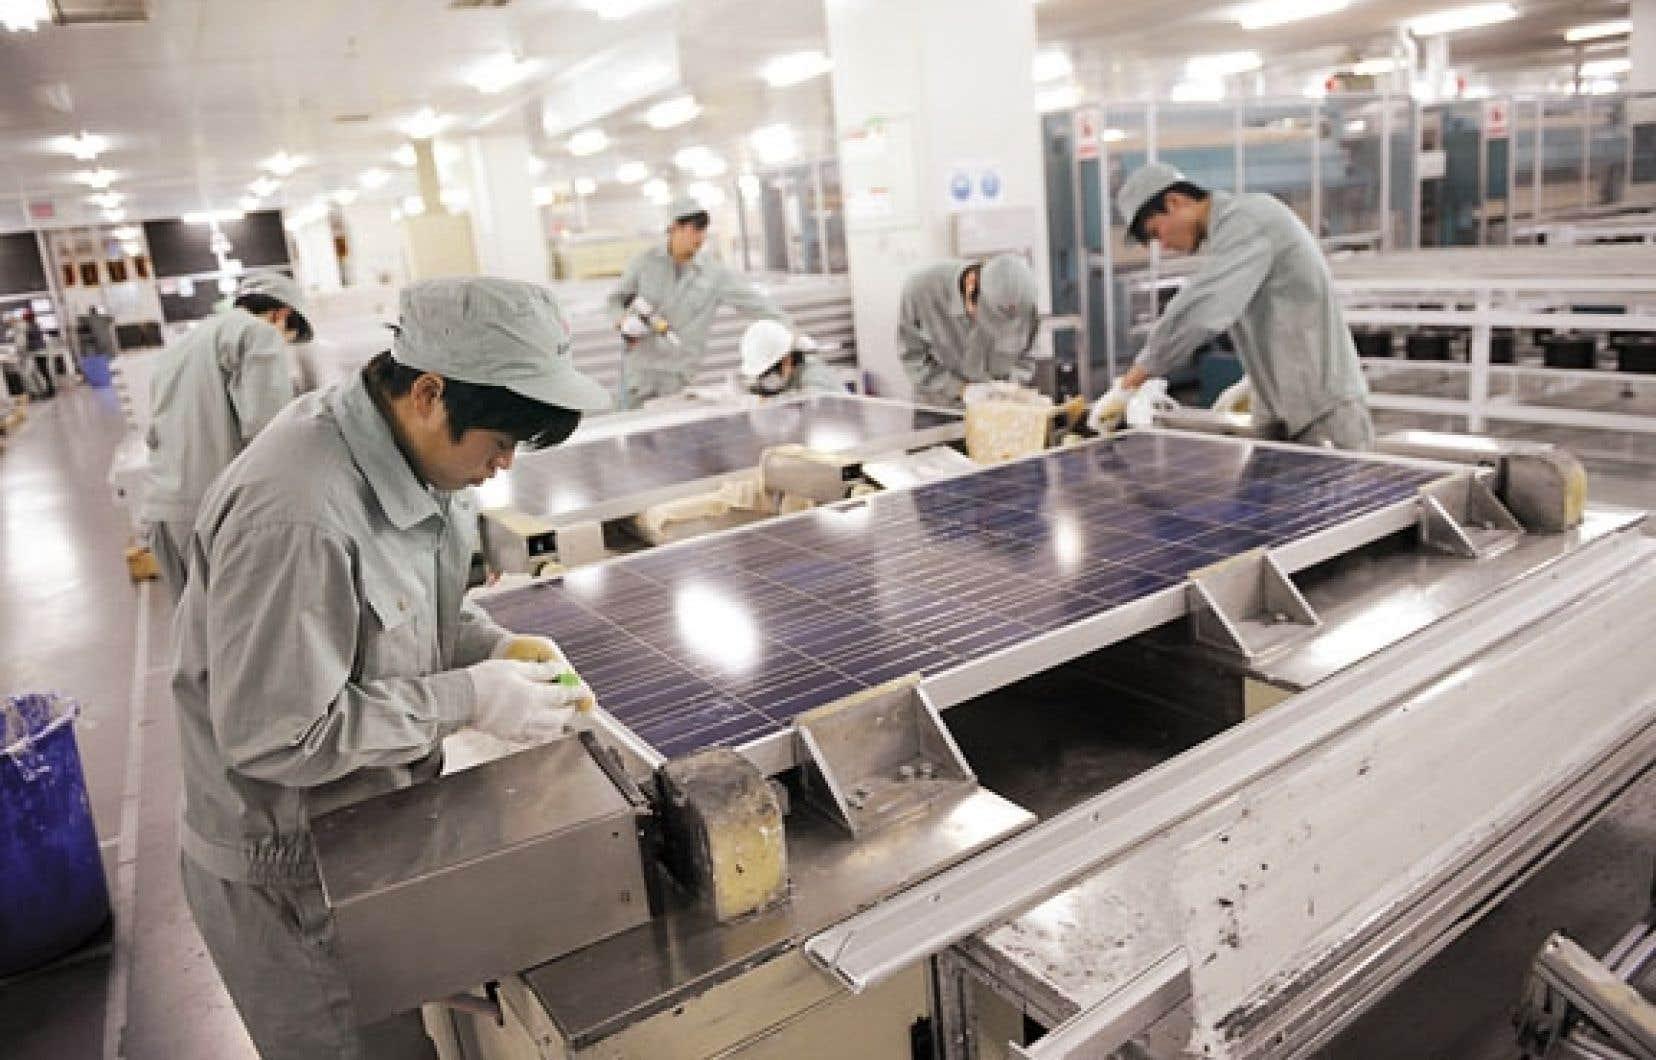 <div> Une usine de fabrication de panneaux solaires de l'entreprise Suntech, à Wuxi, en Chine</div>